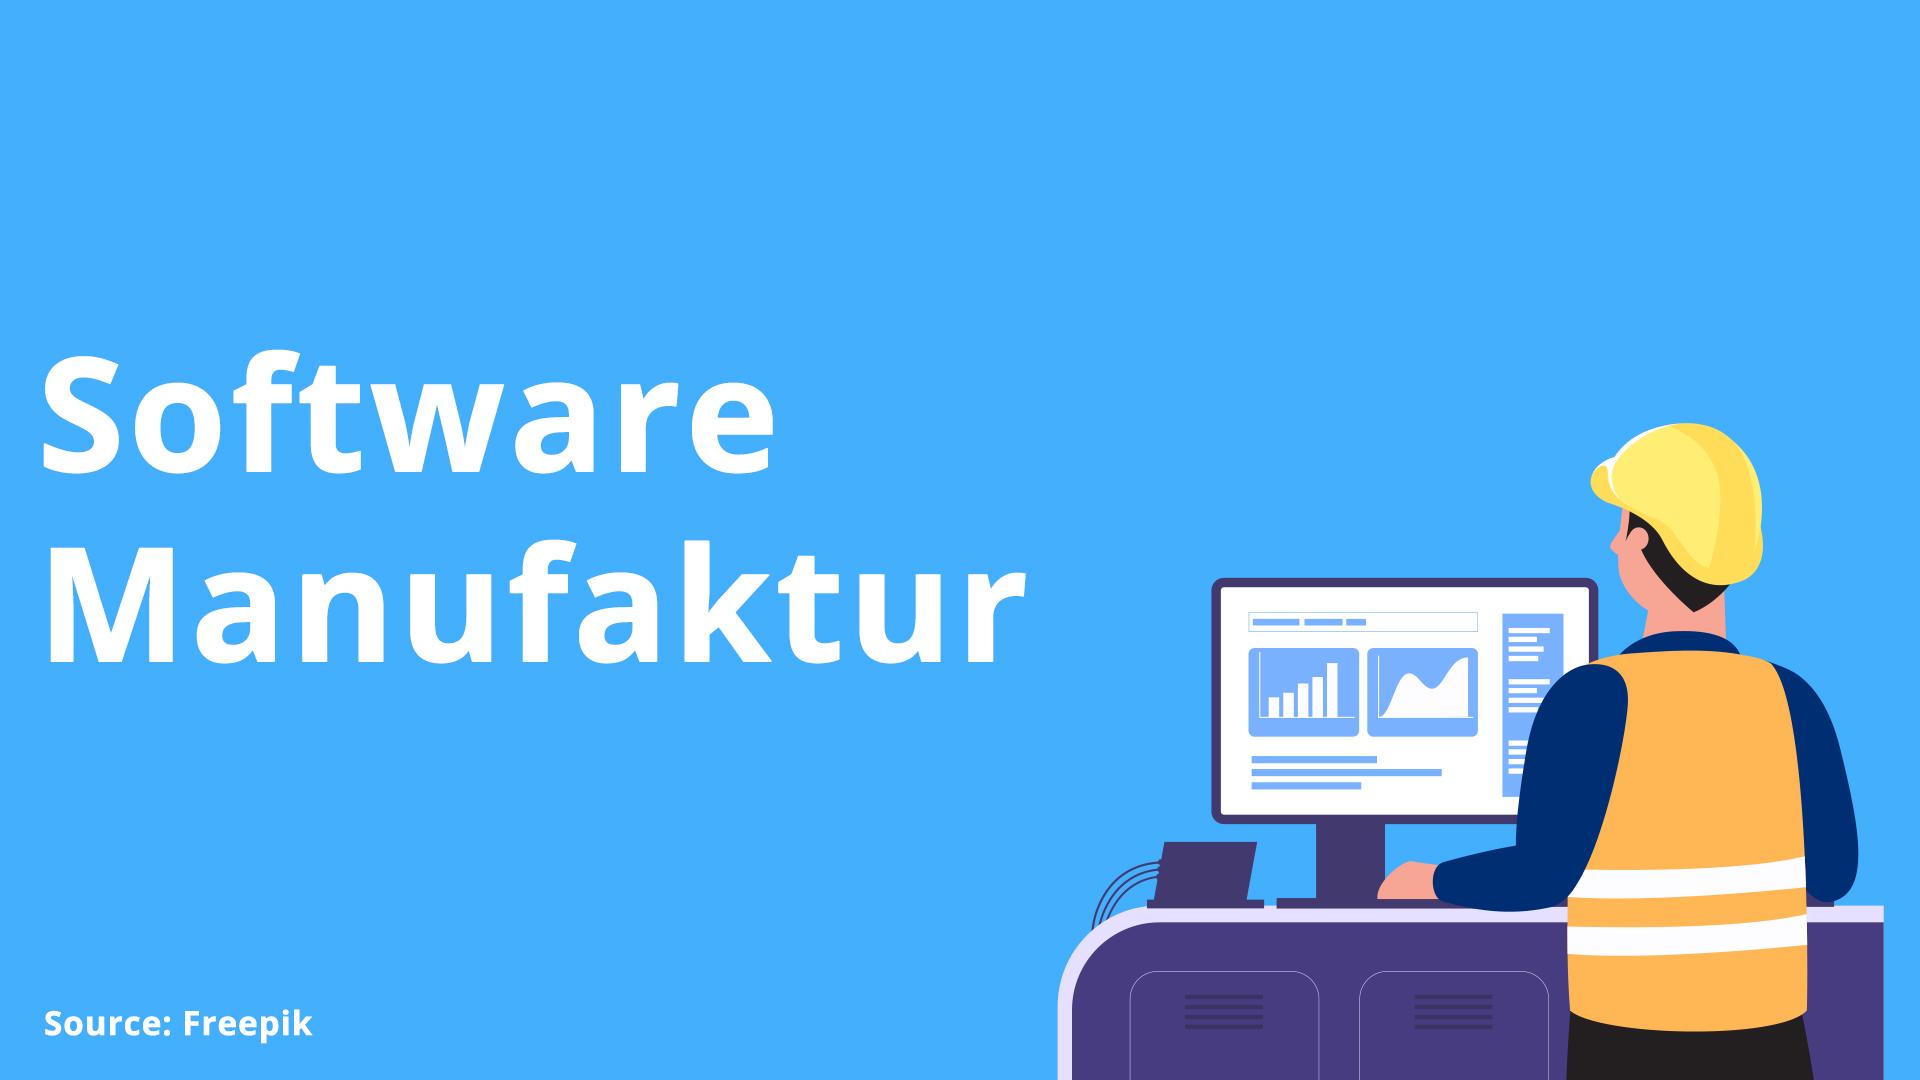 Software Manufaktur